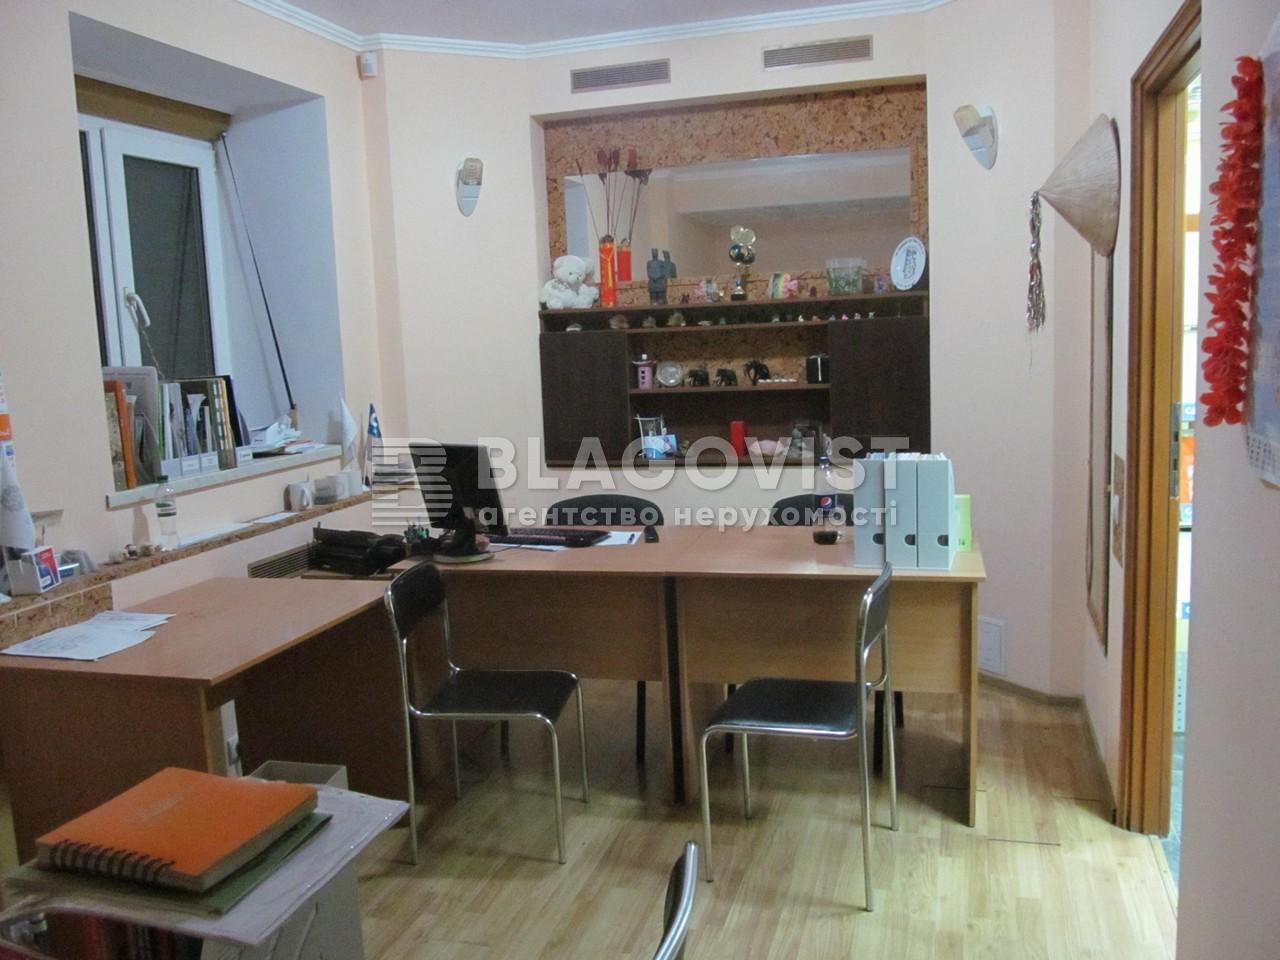 Нежилое помещение, Z-1287565, Воздухофлотский просп., Киев - Фото 4